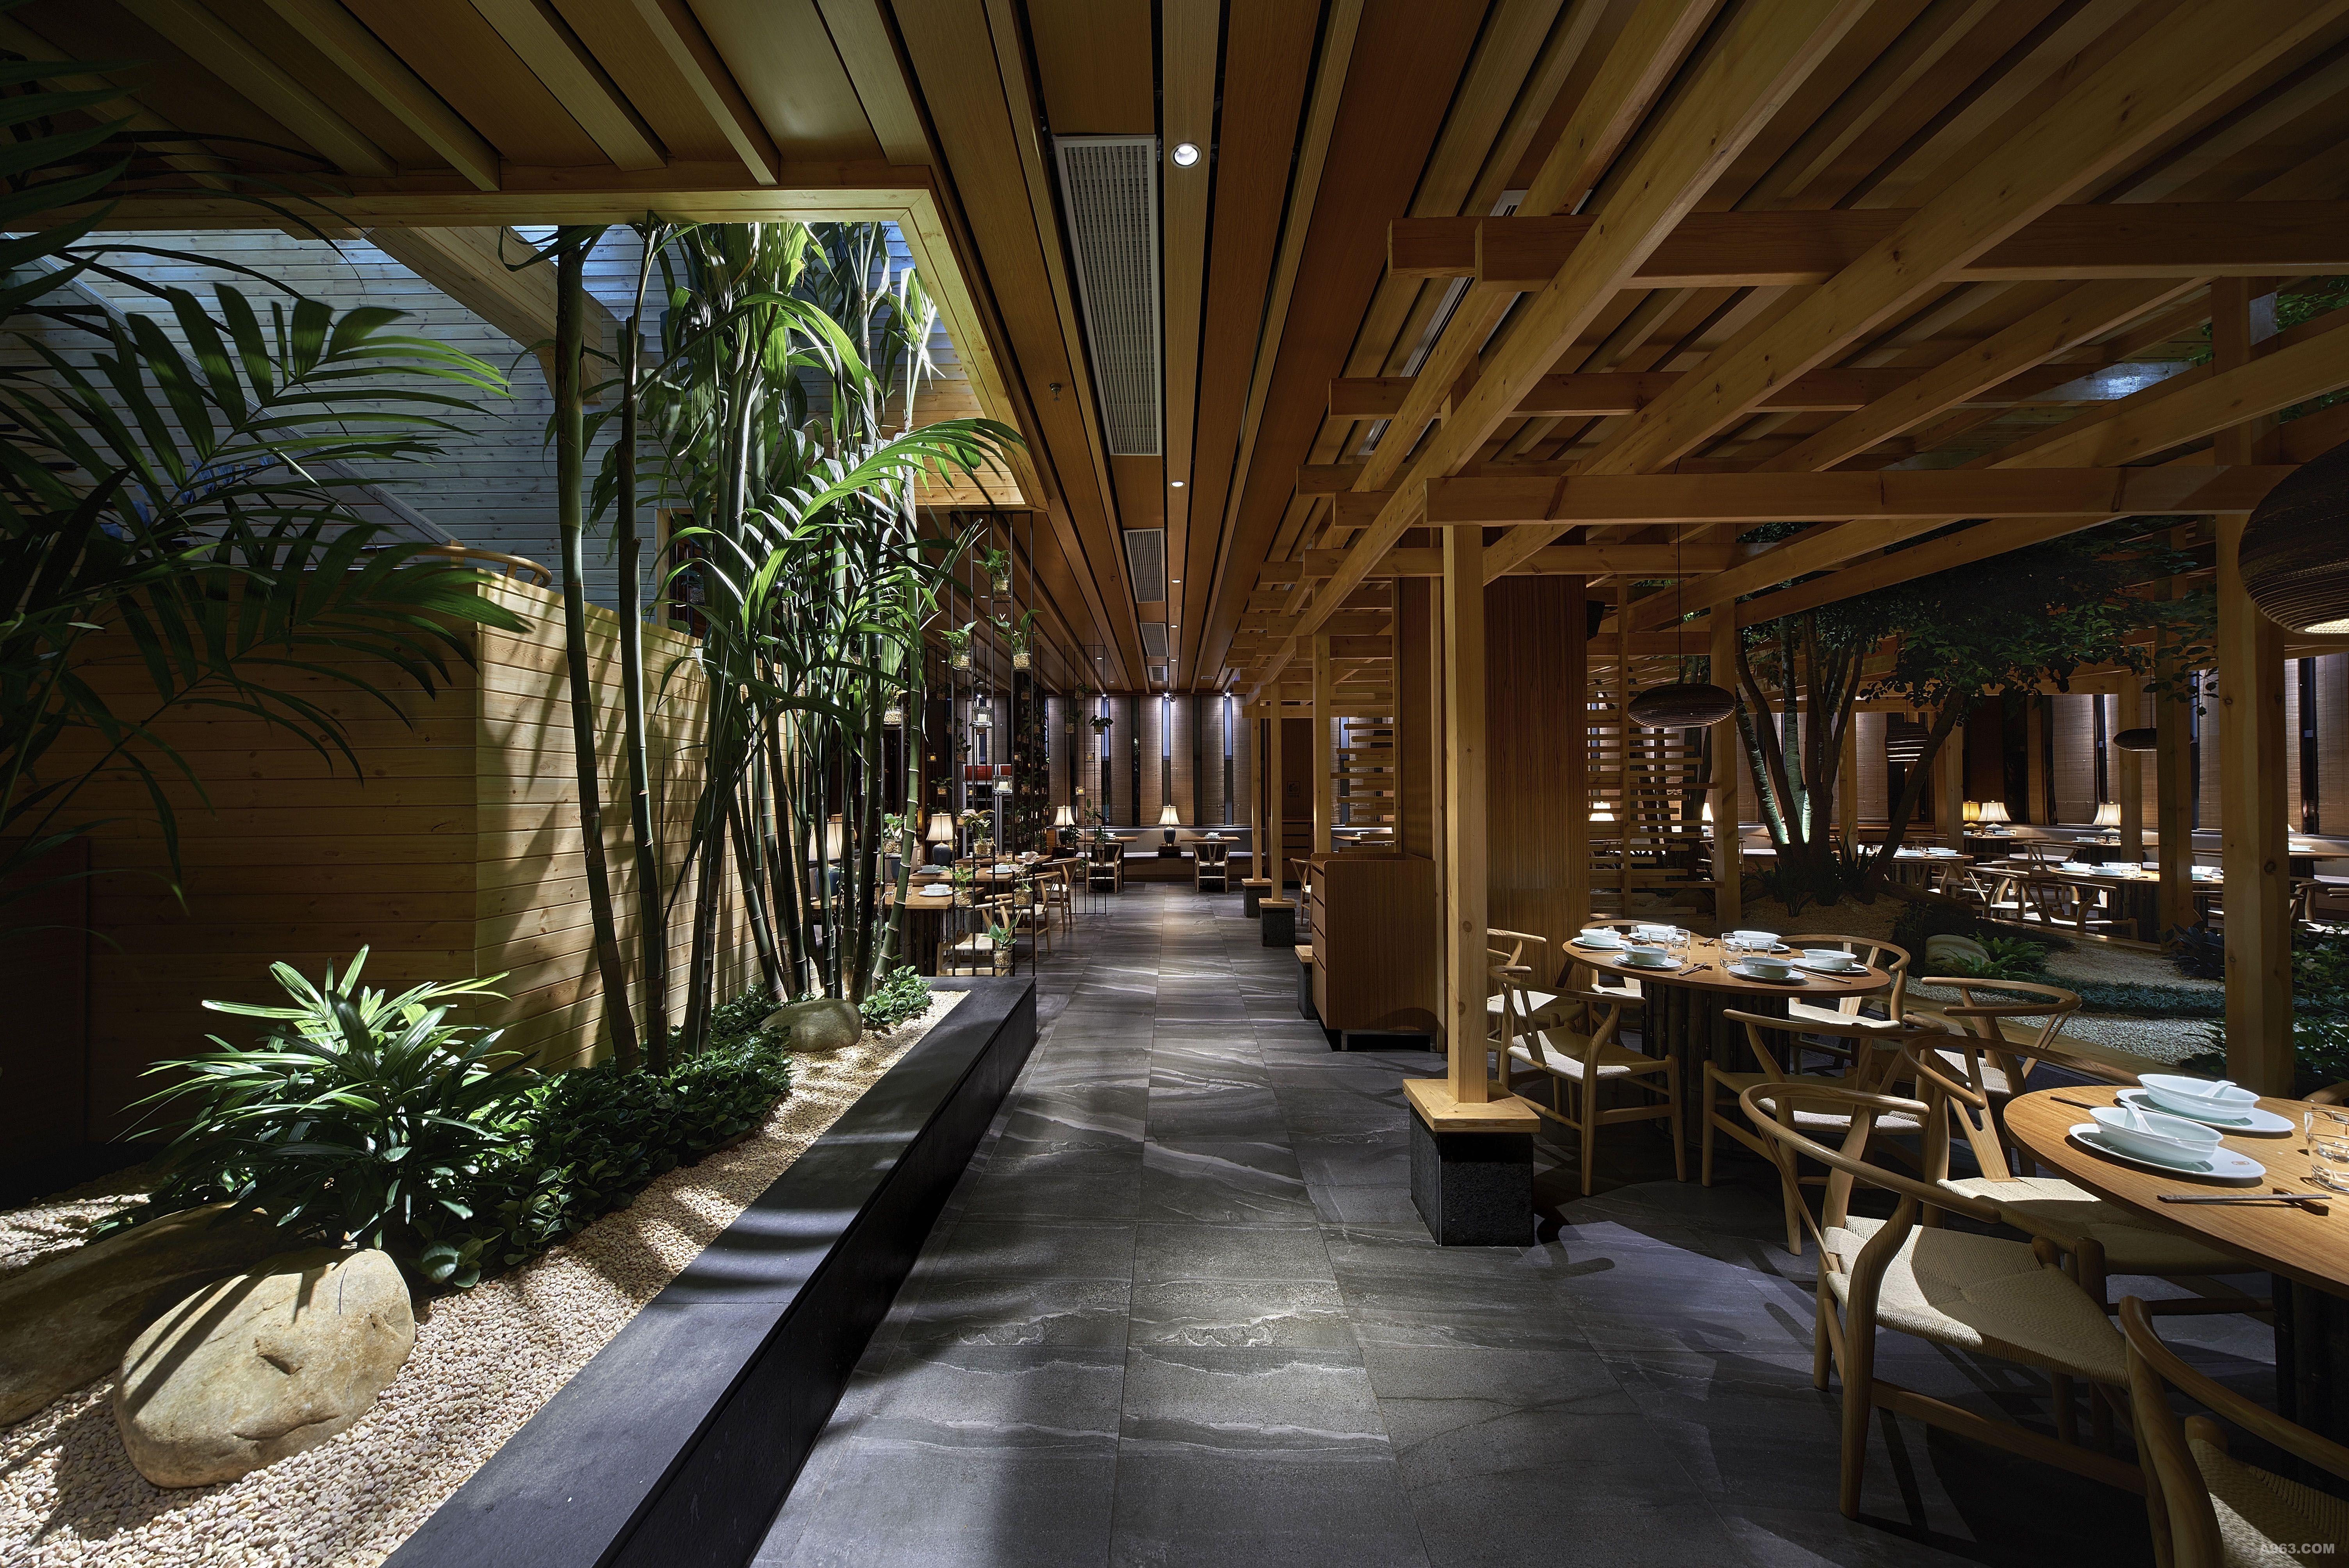 在入口等候区以山川为概念设计了毛石凳,大面积的墙面绿植,让顾客在等